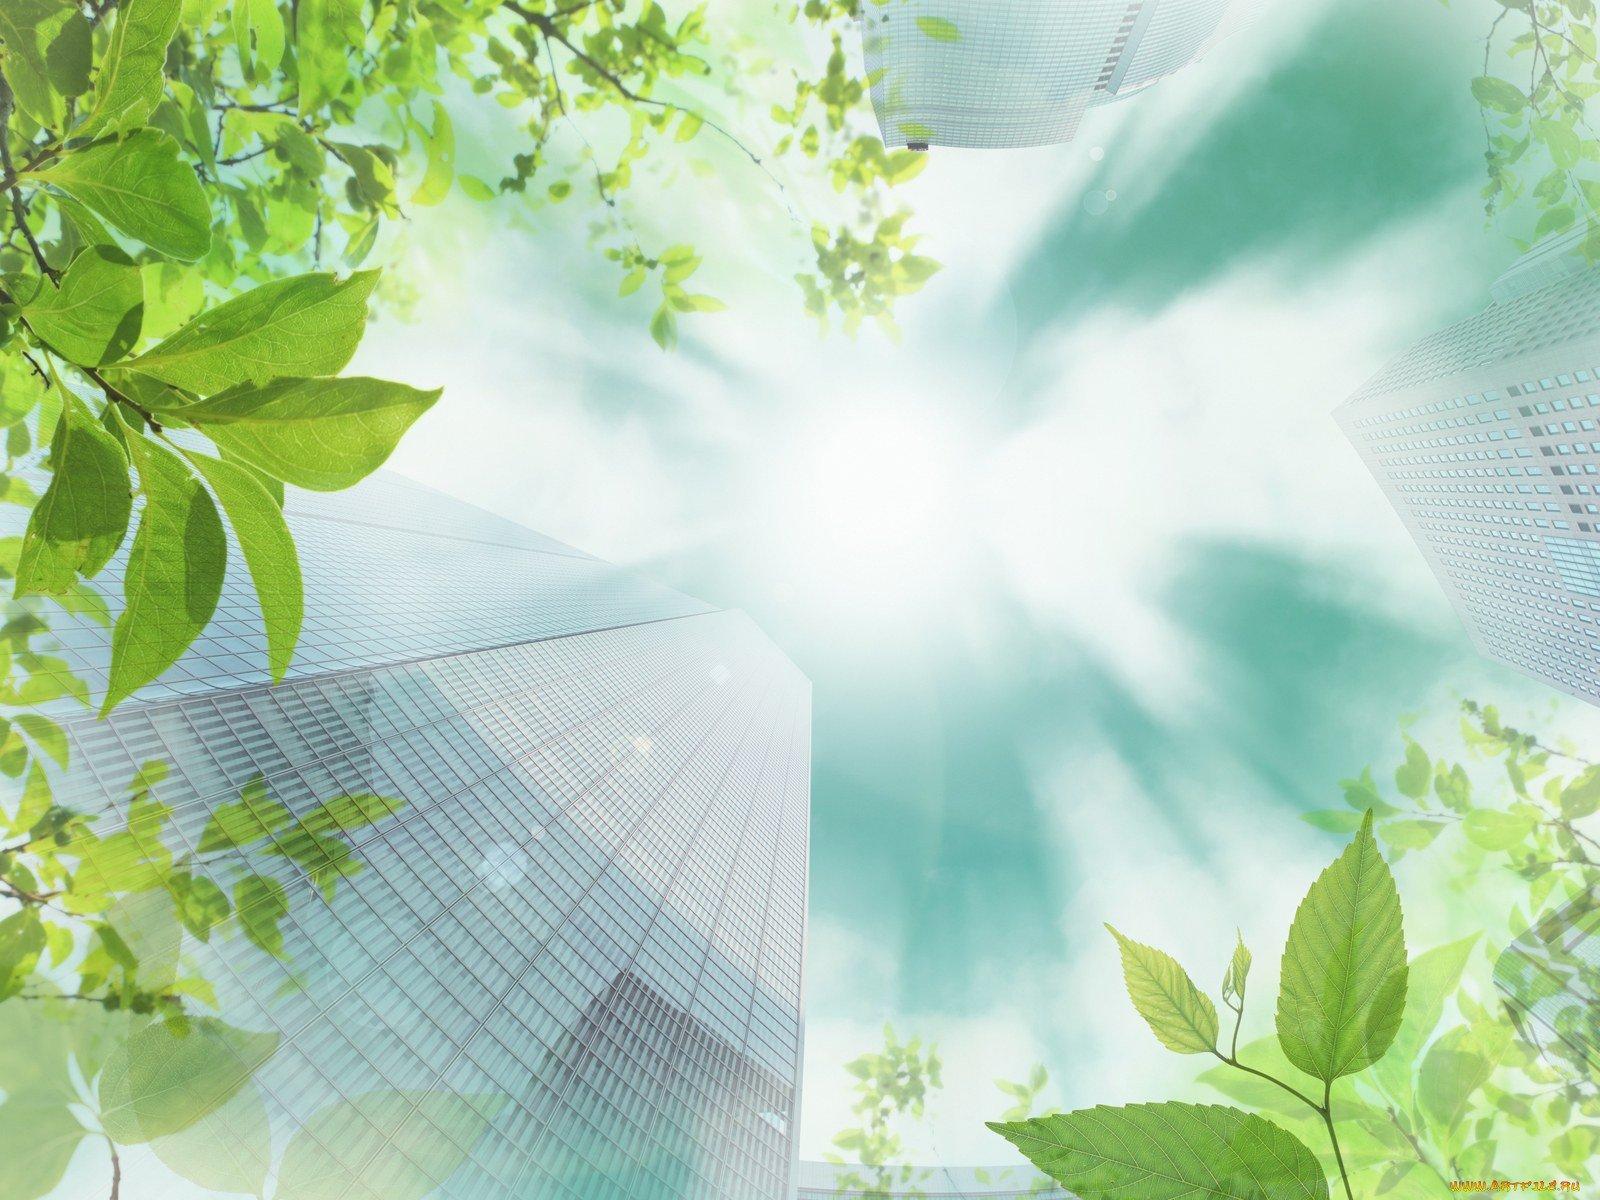 картинки для оформления презентаций по экологии фото